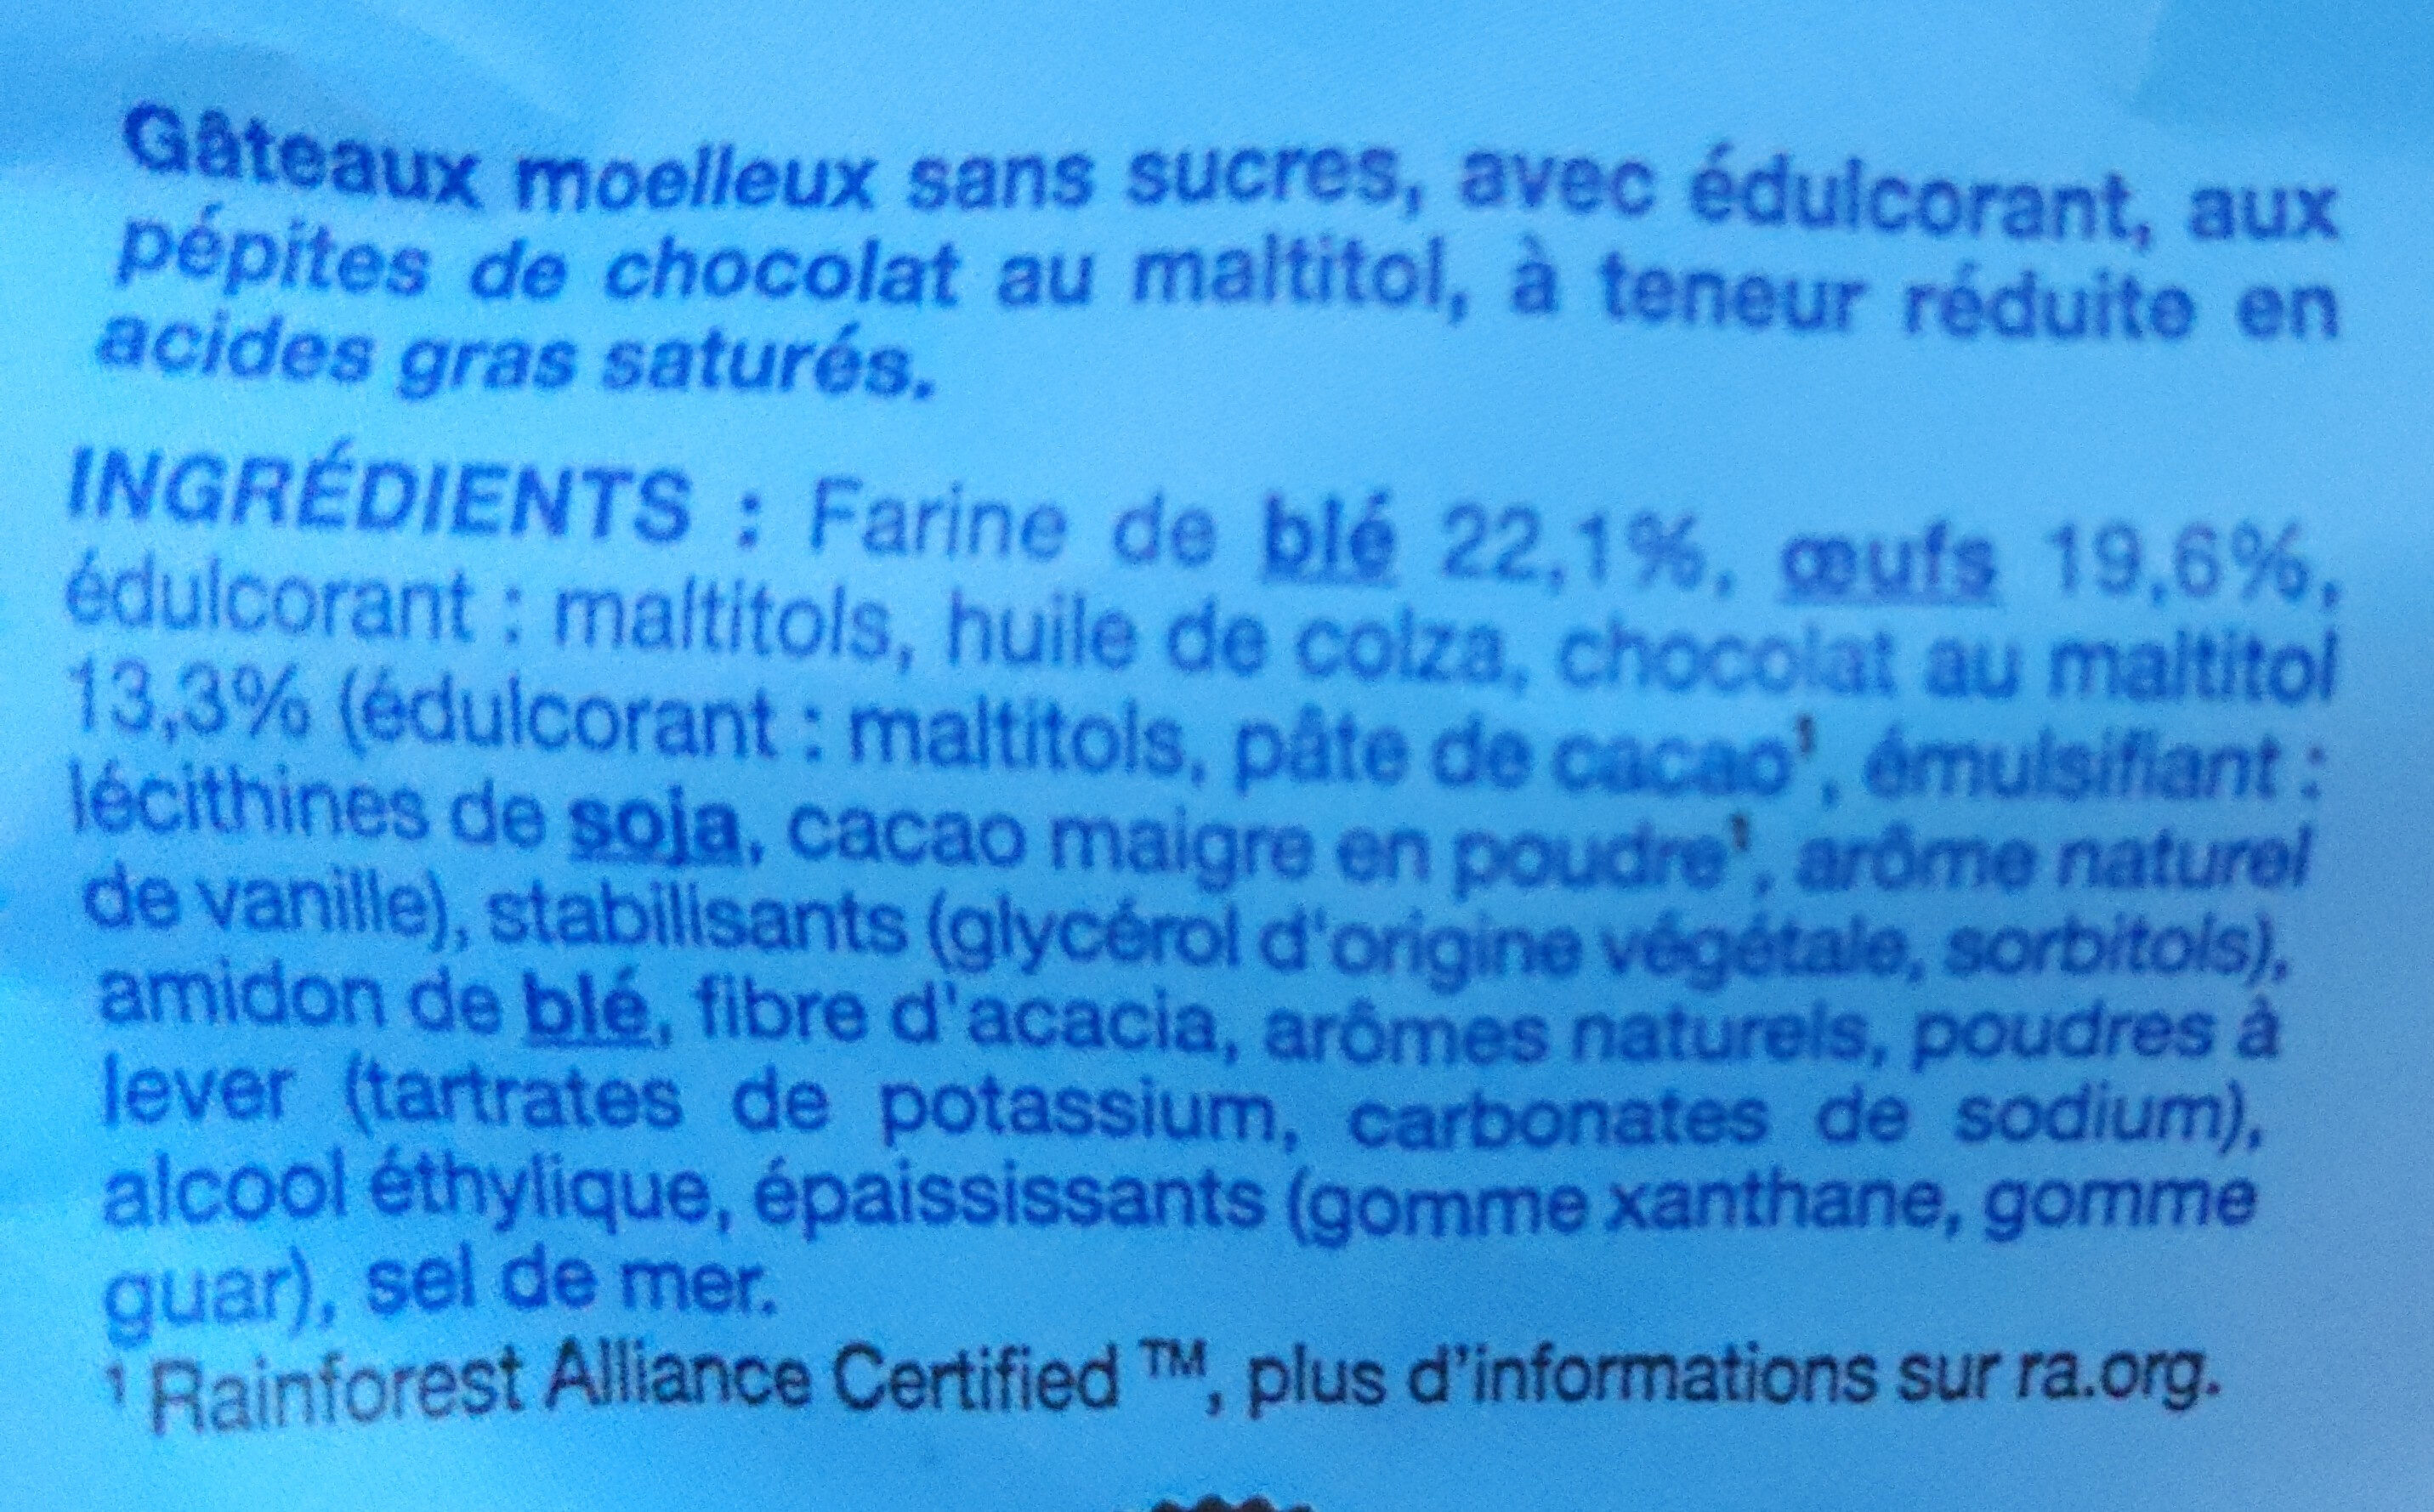 Moelleux aux pépites de chocolat - Ingredienti - fr